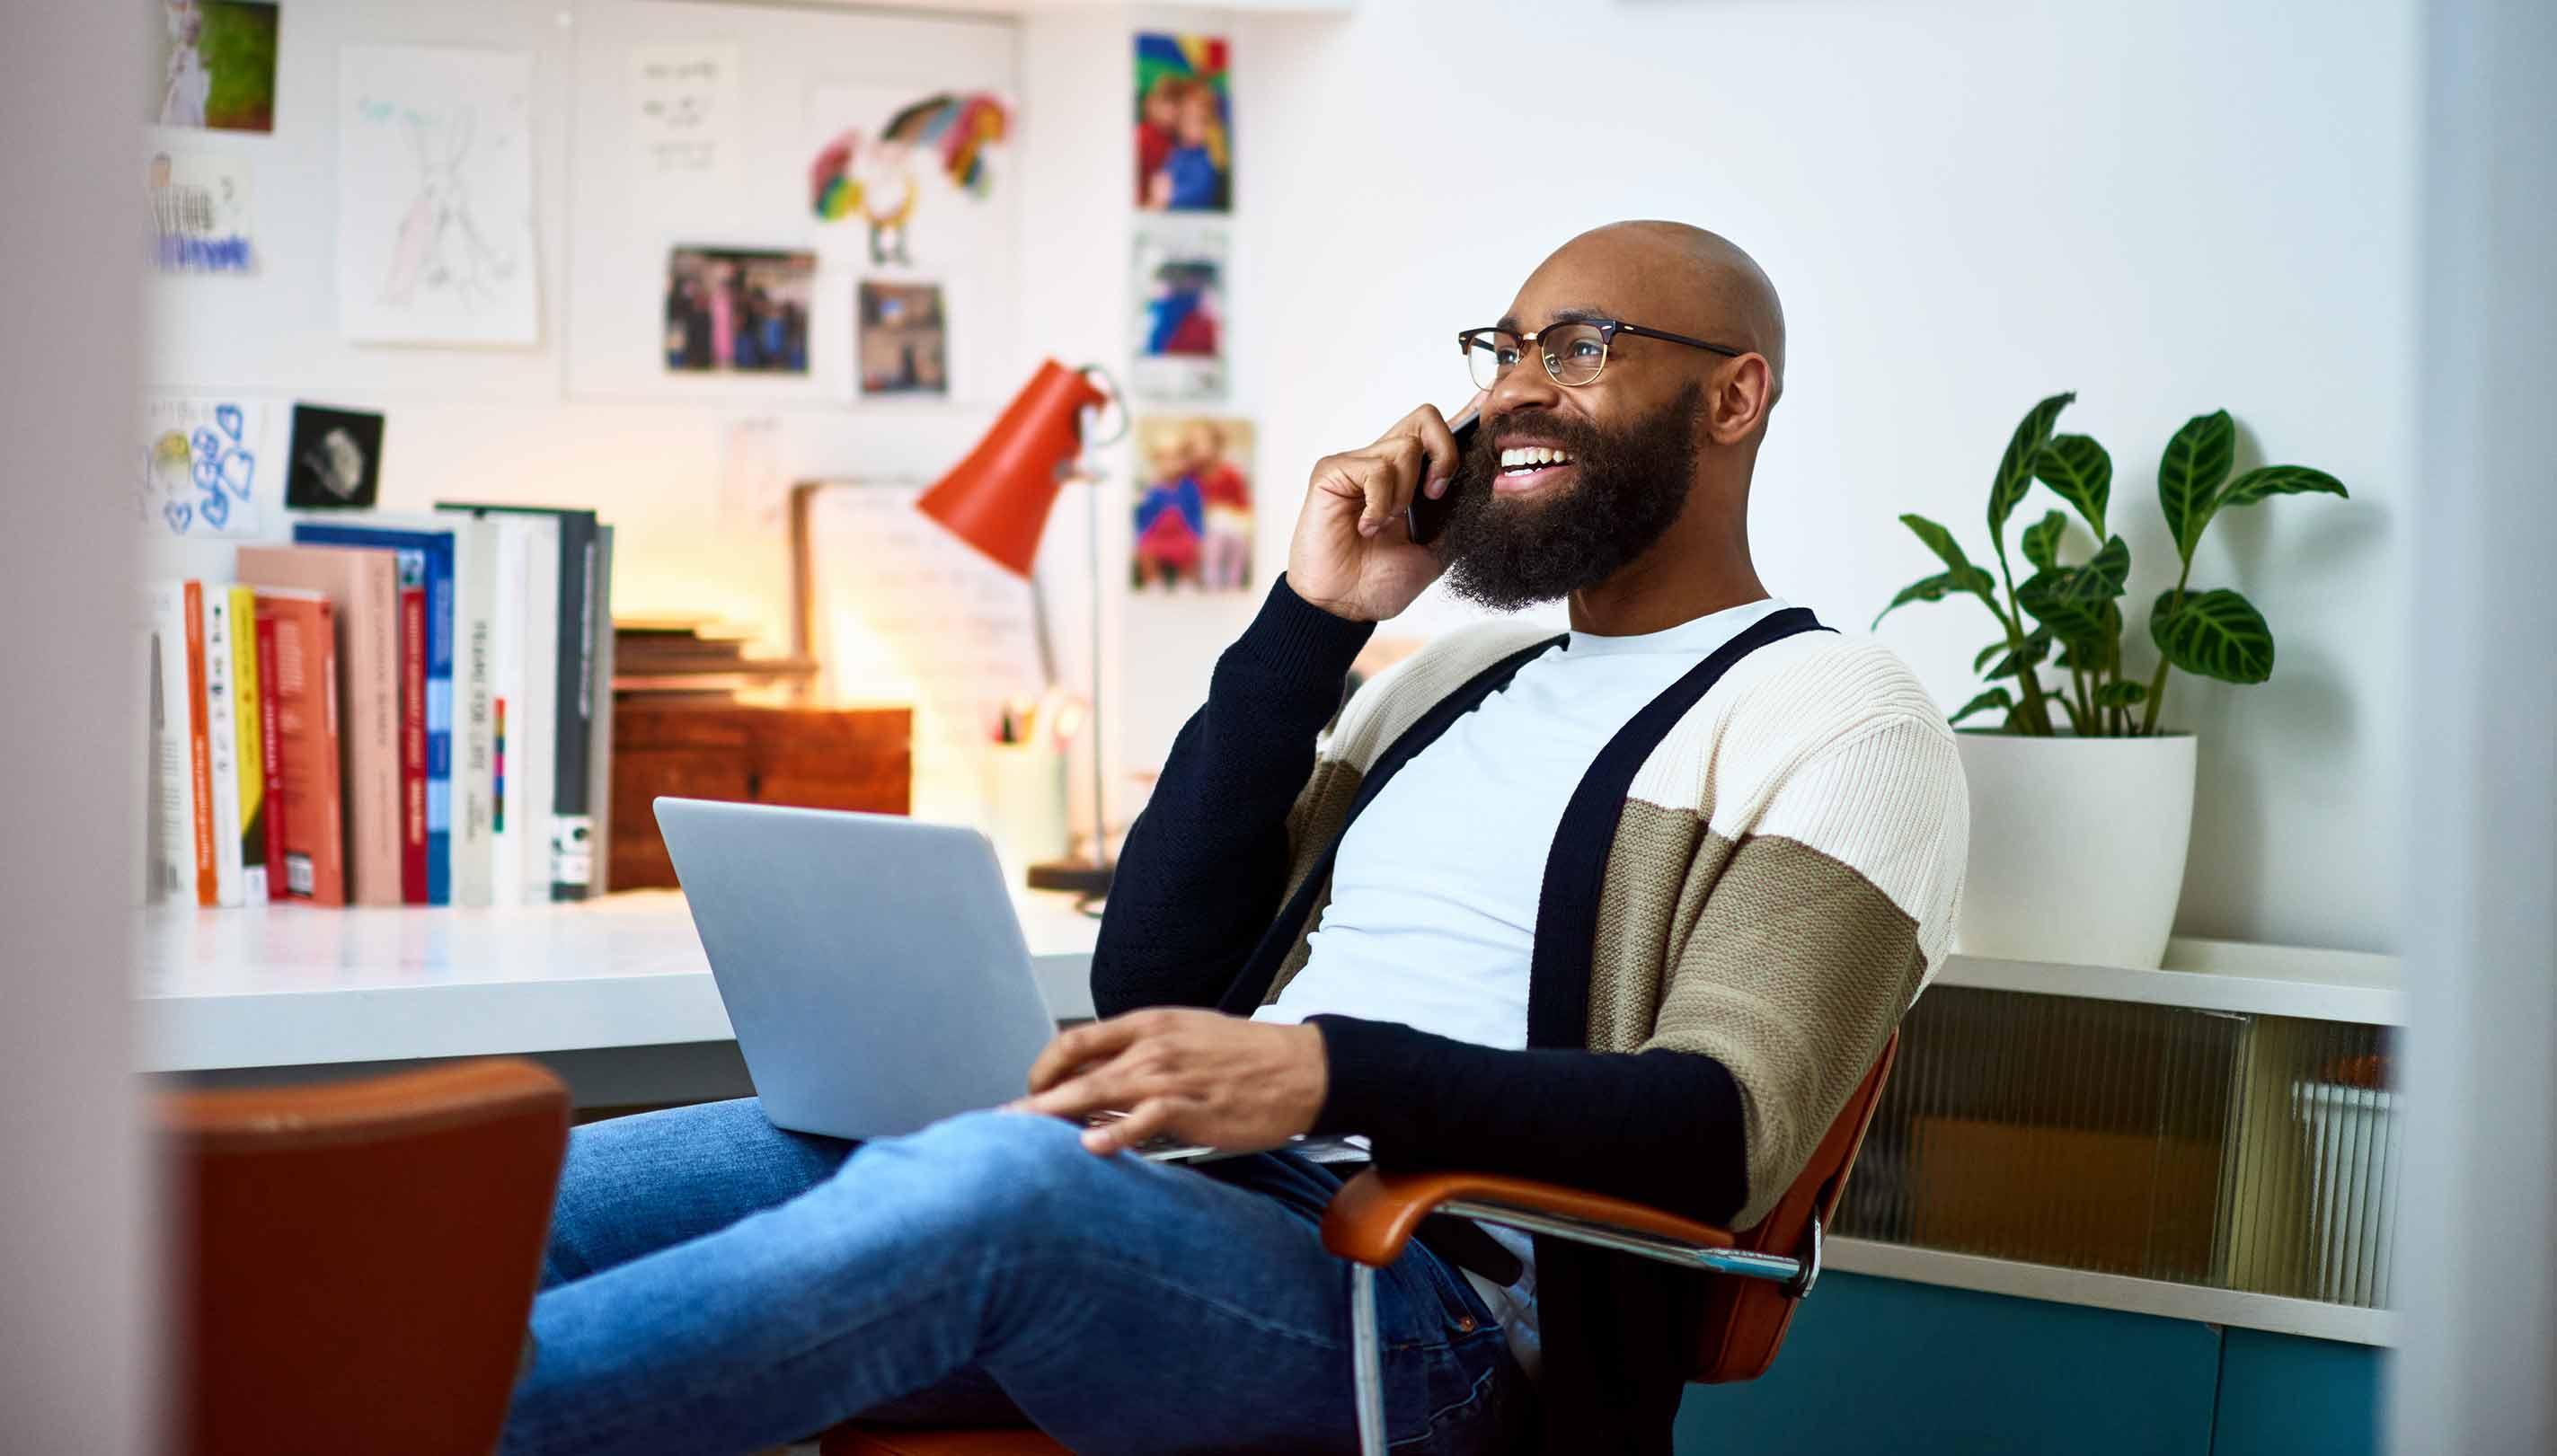 Homem sorrindo enquanto trabalha em casa de seu escritório